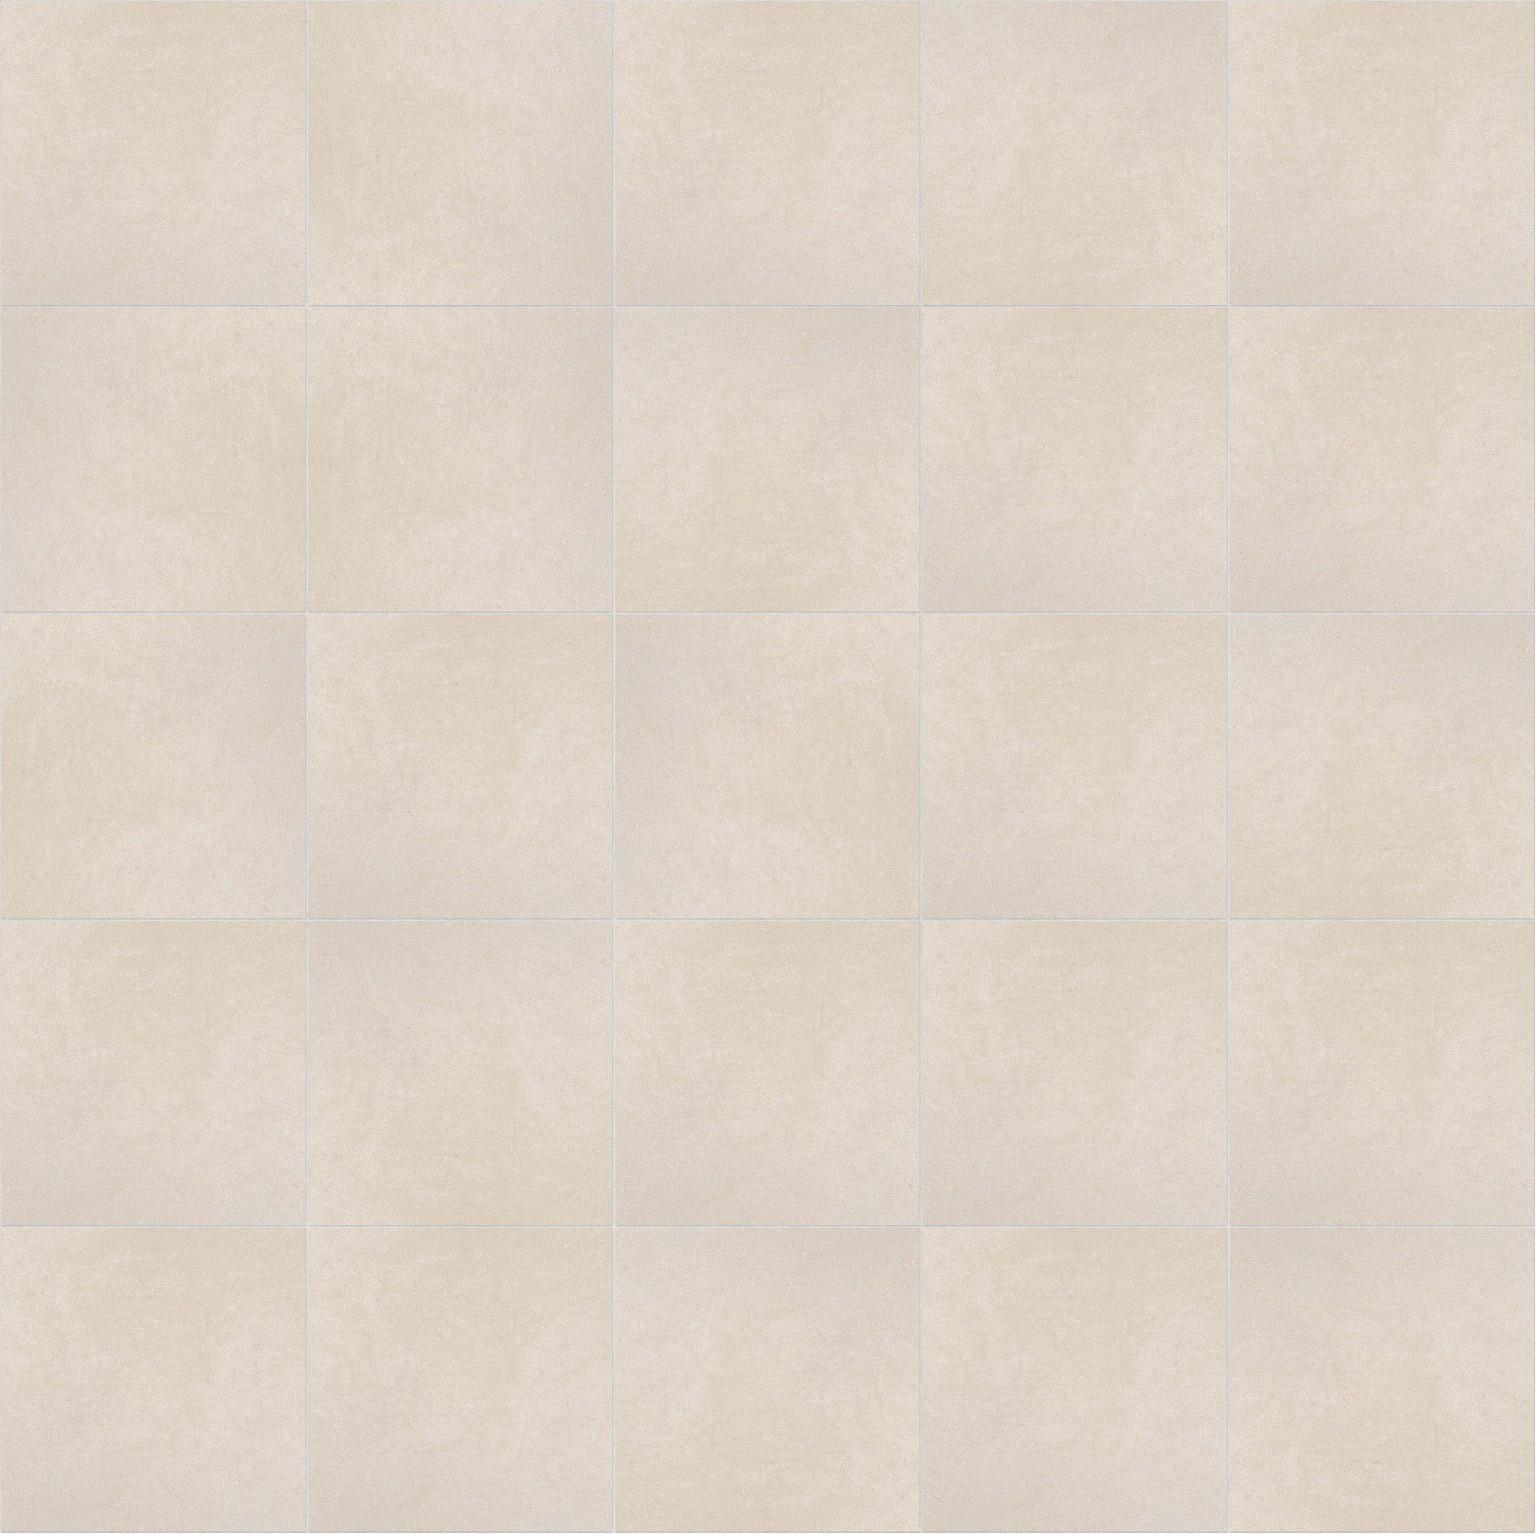 Simo 3d Blogspot Com Texture Seamless Pavimento